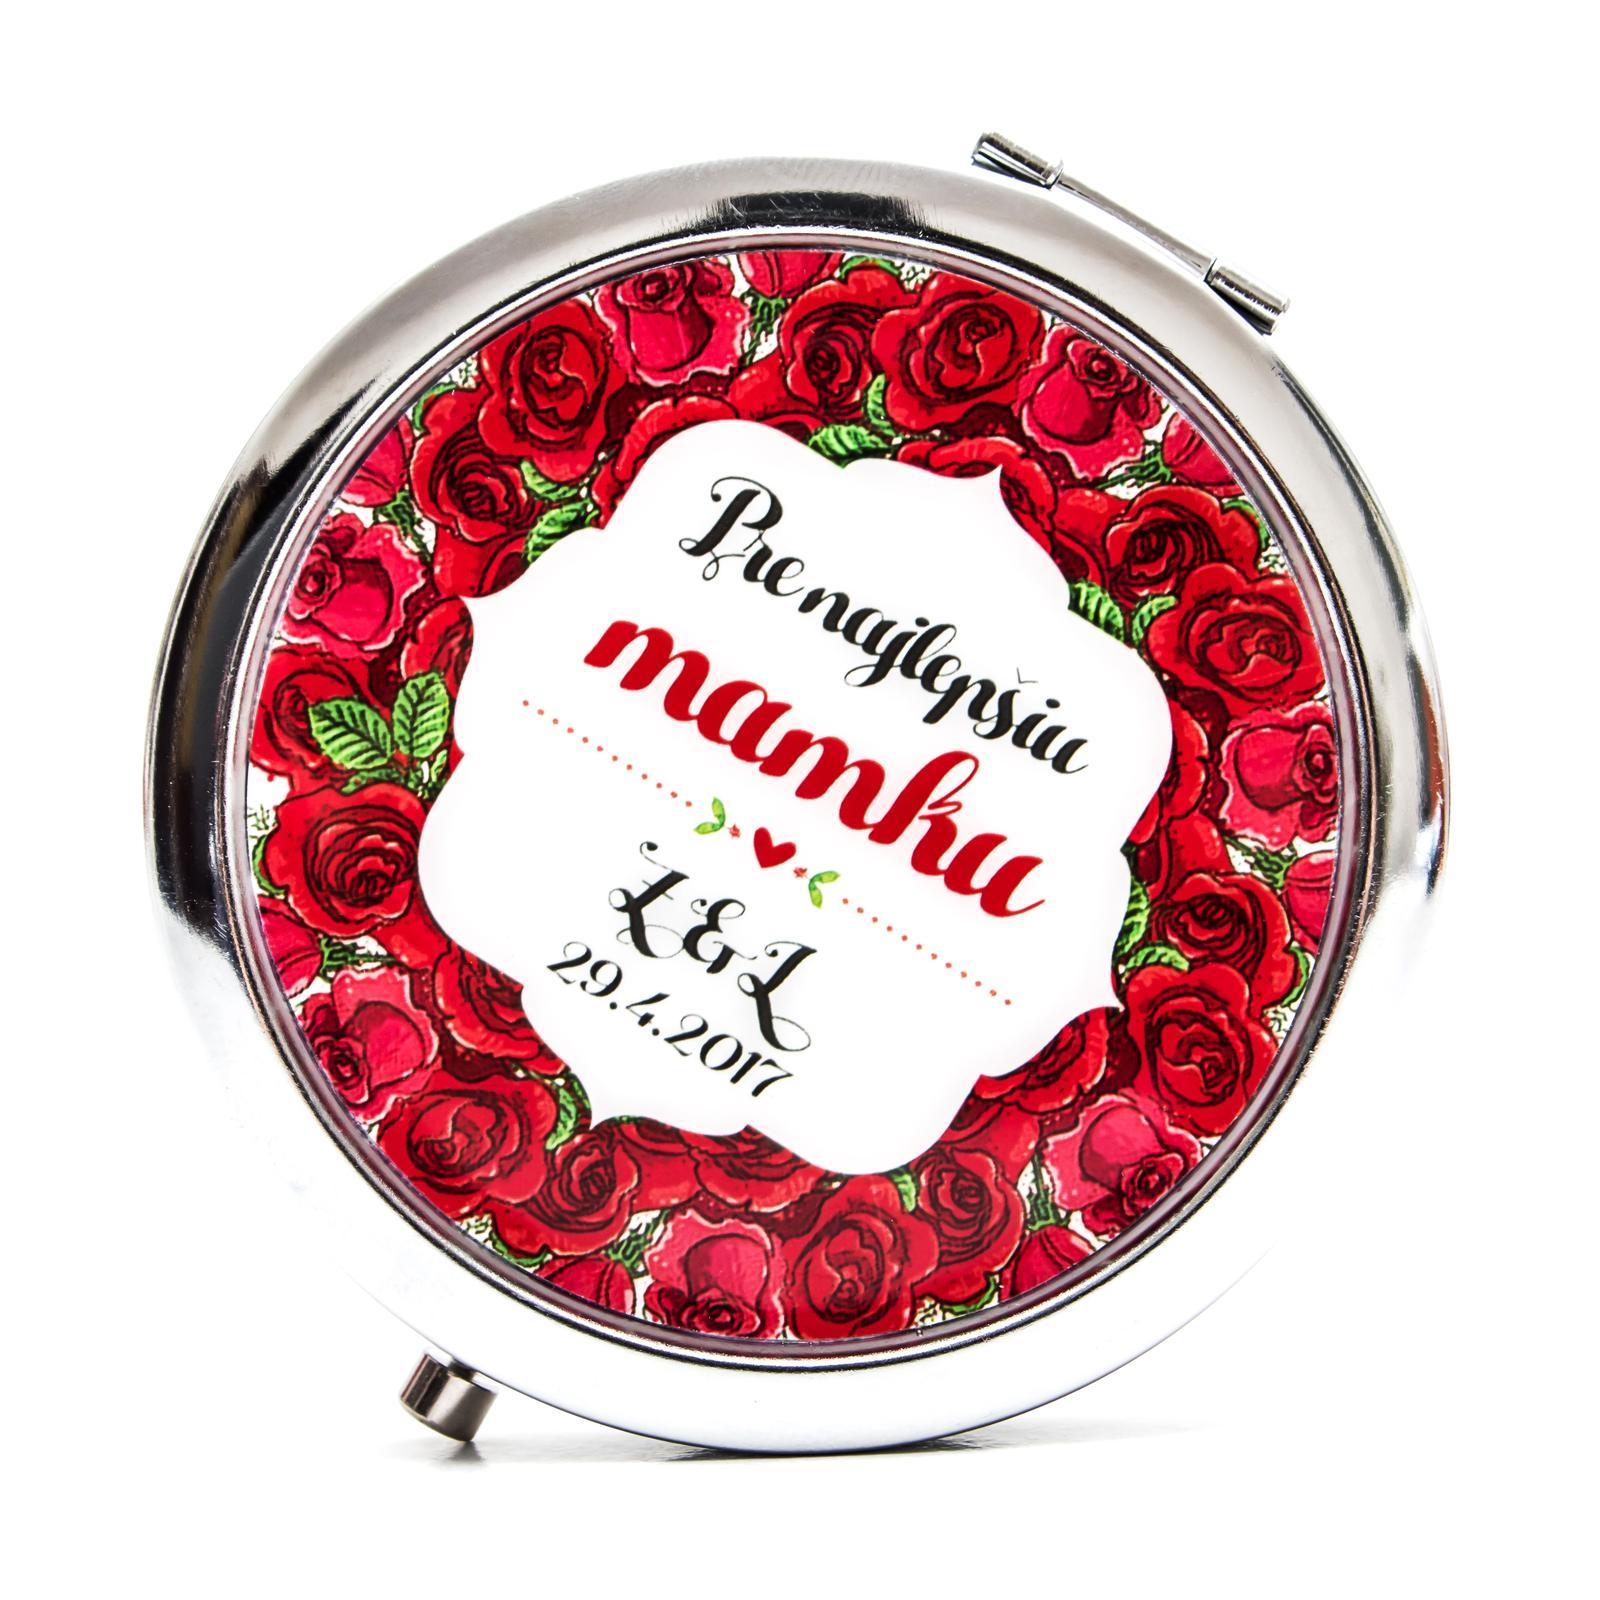 Zrkadielka na želanie - Zrkadielko pre mamku - kvetinkový motív - ruže